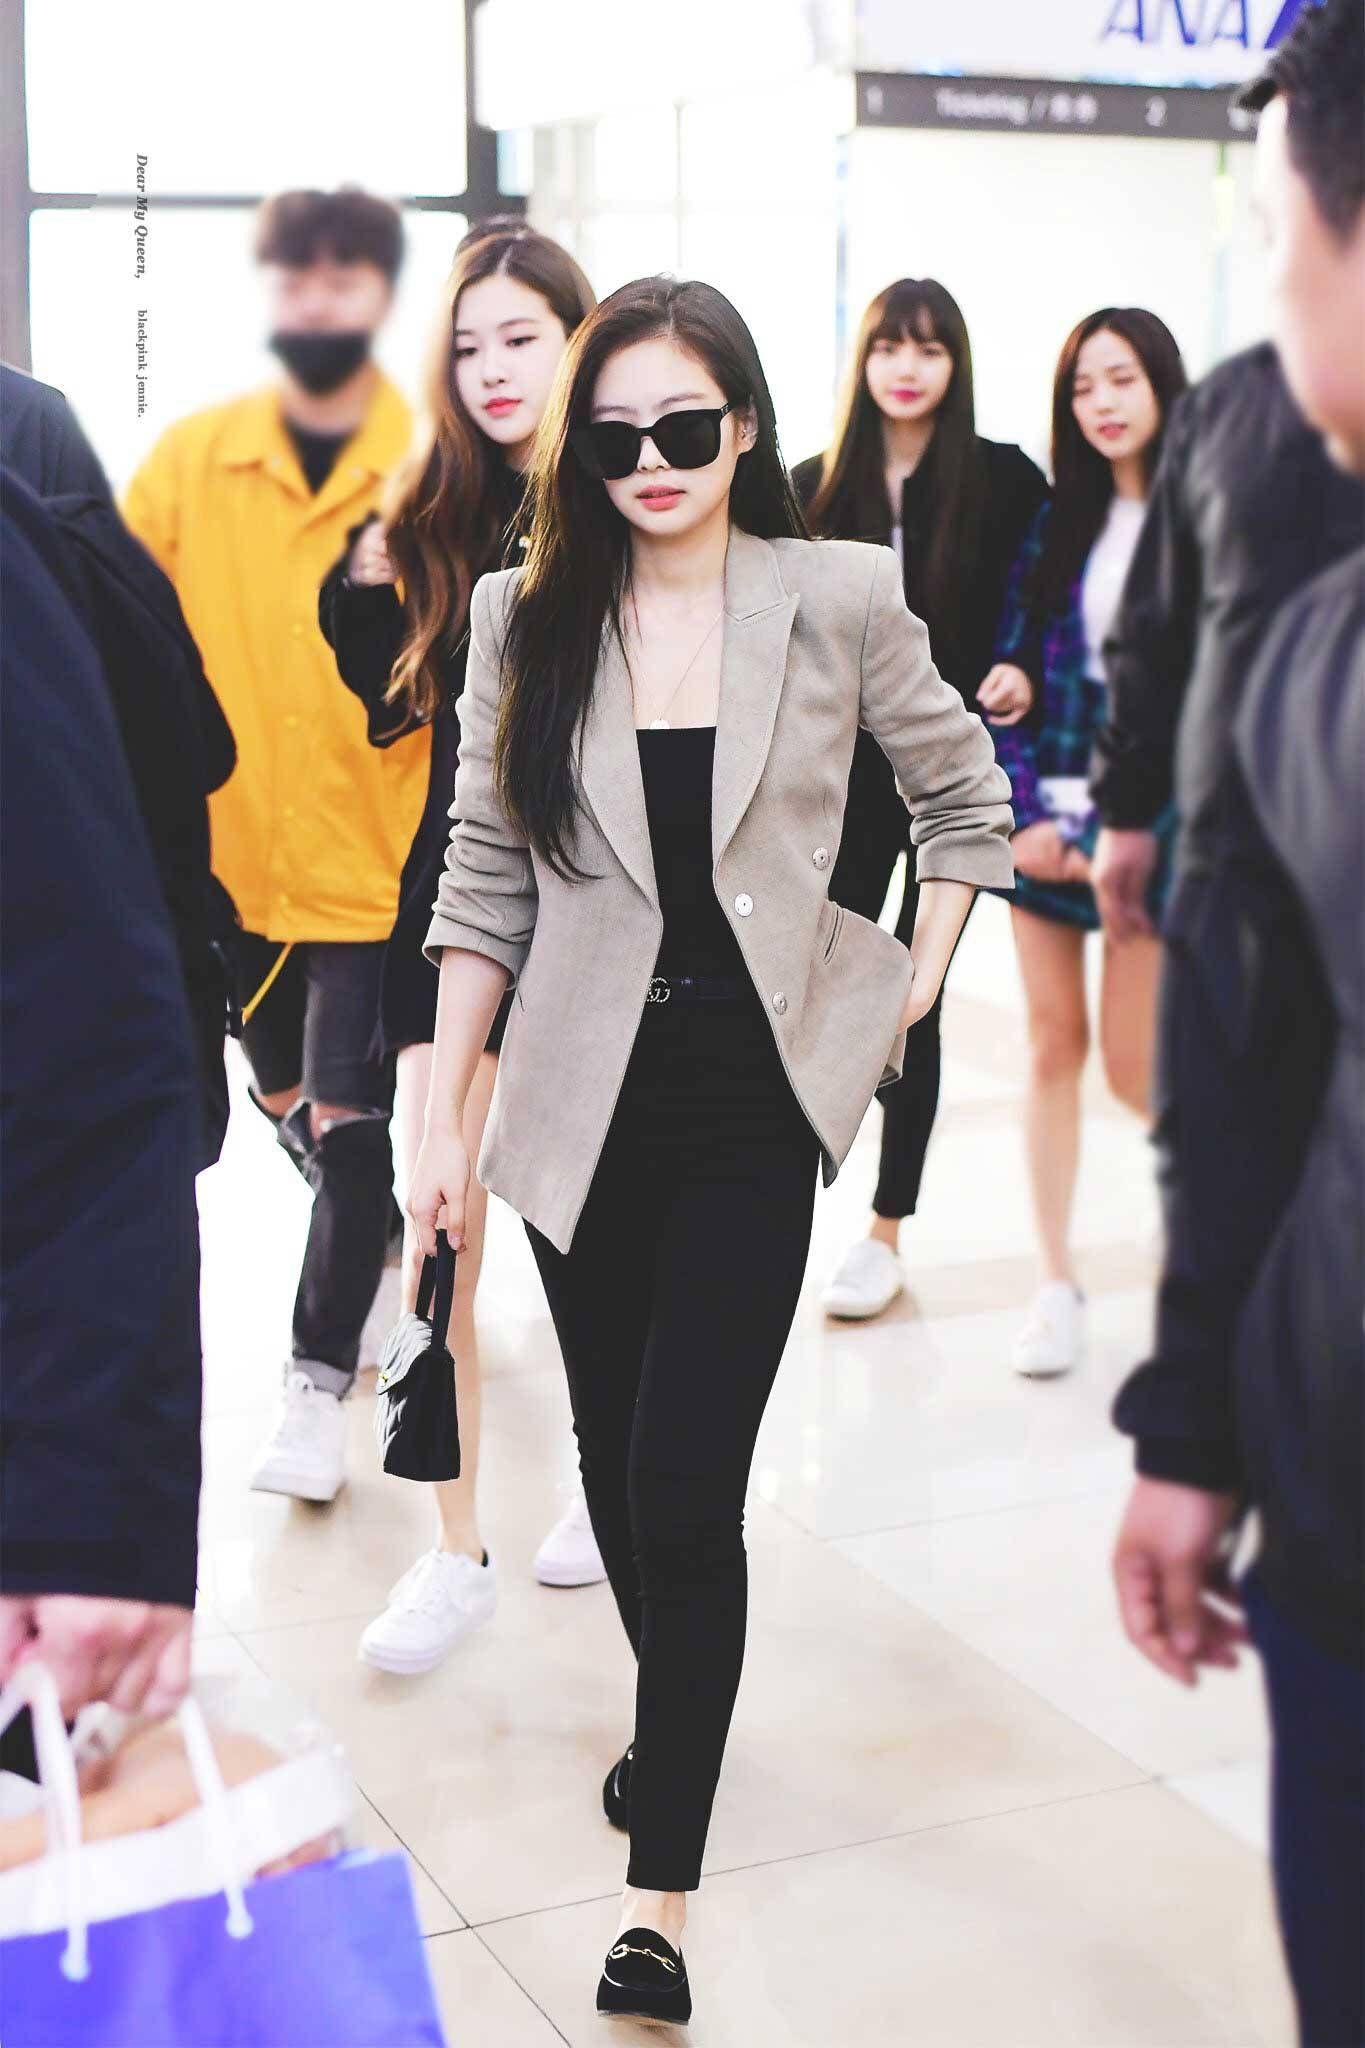 jennie style